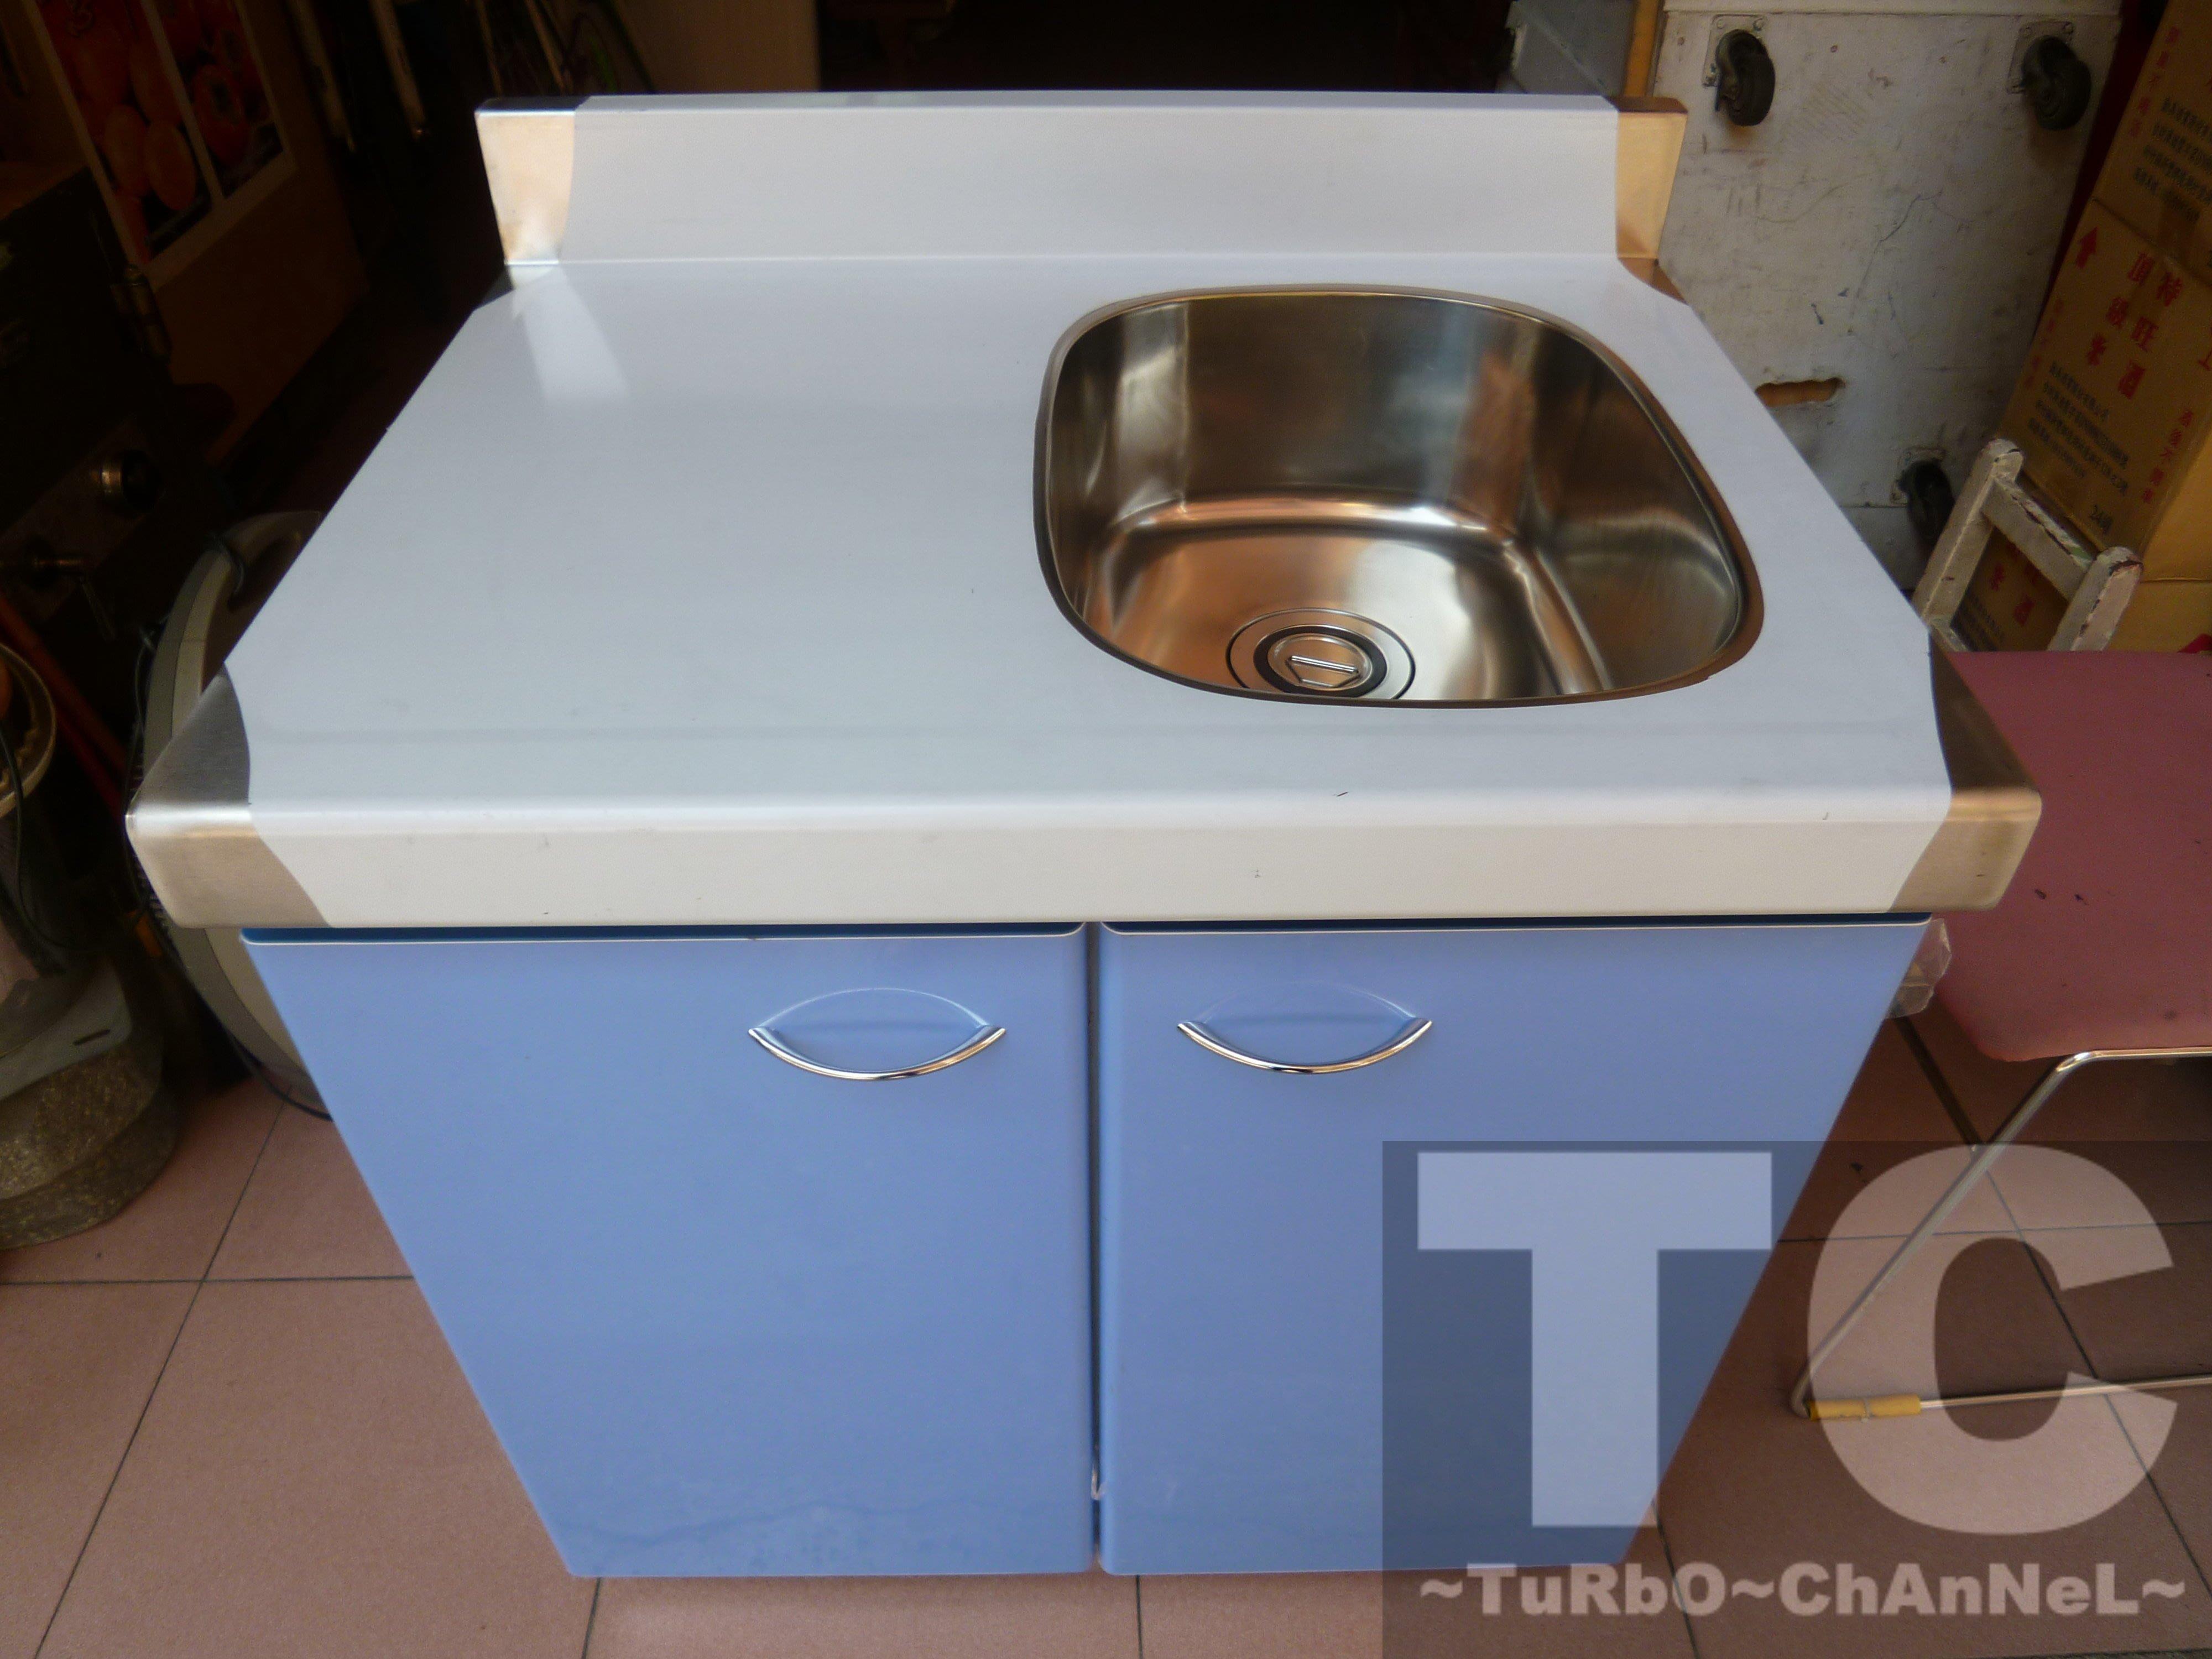 流理台【72公分洗台-右小水槽】台面&櫃體不鏽鋼 素面藍色門板 最新款流理臺